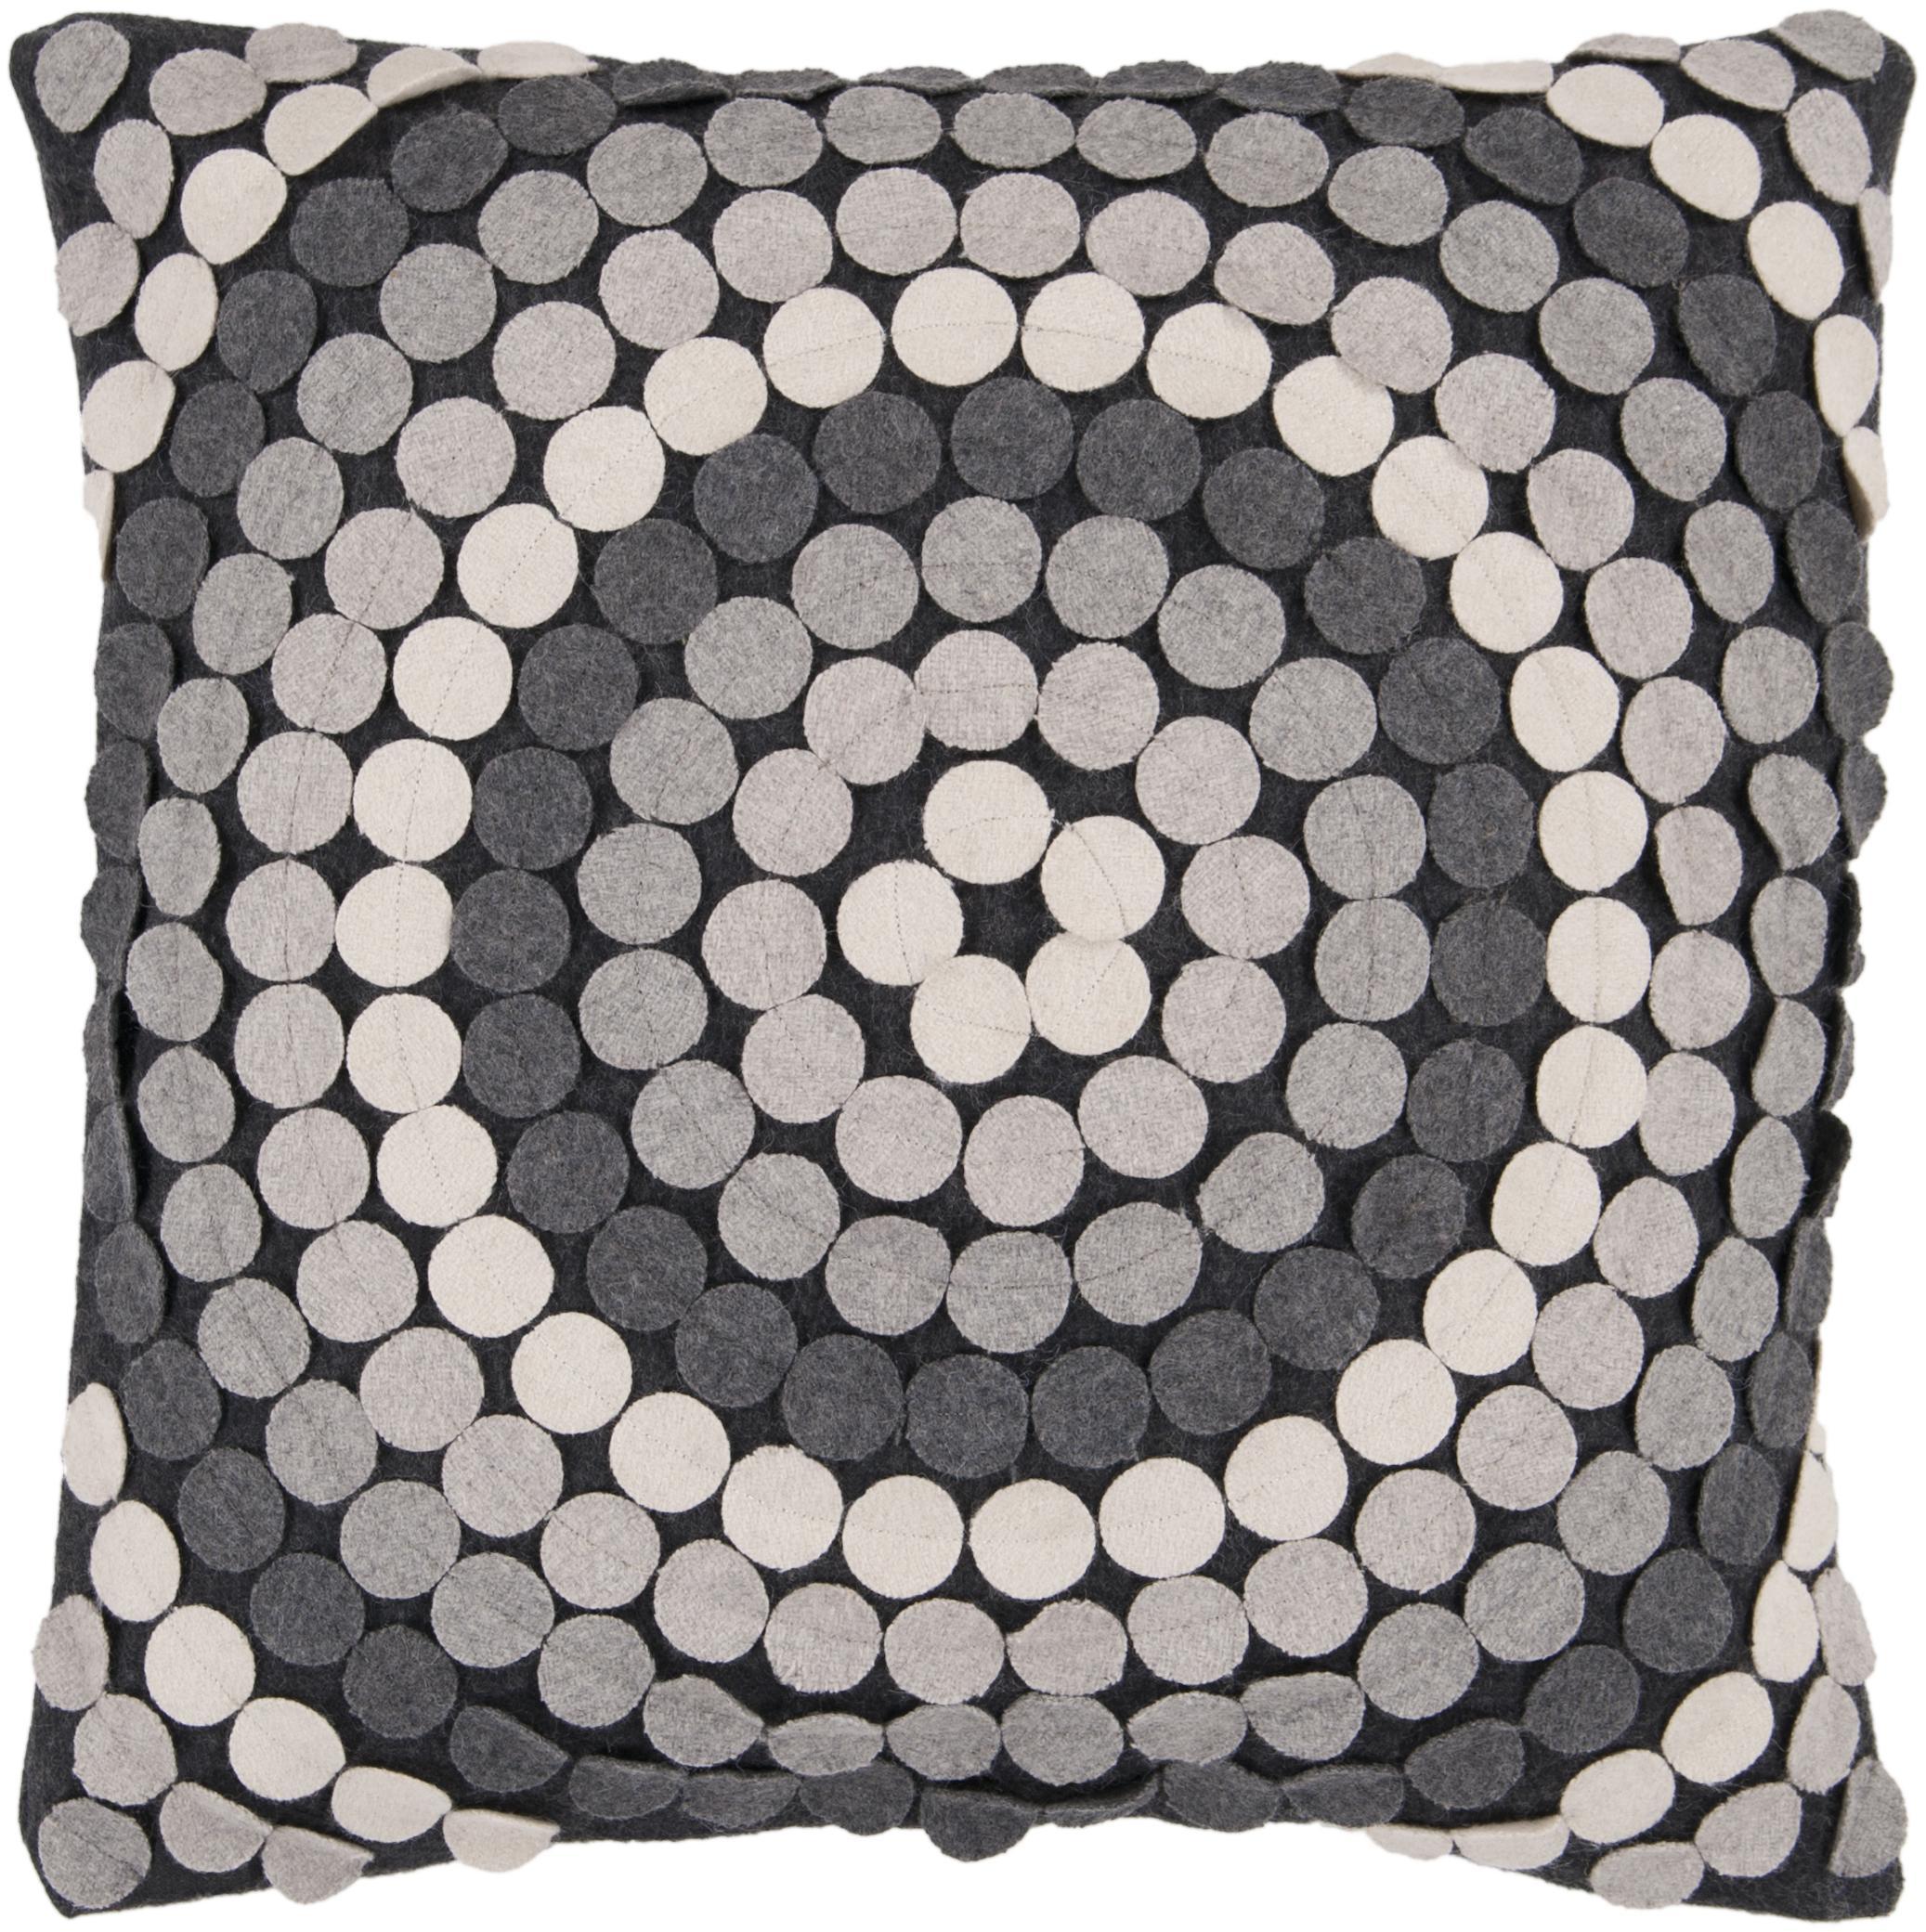 """Surya Rugs Pillows 22"""" x 22"""" Pillow - Item Number: CW056-2222P"""